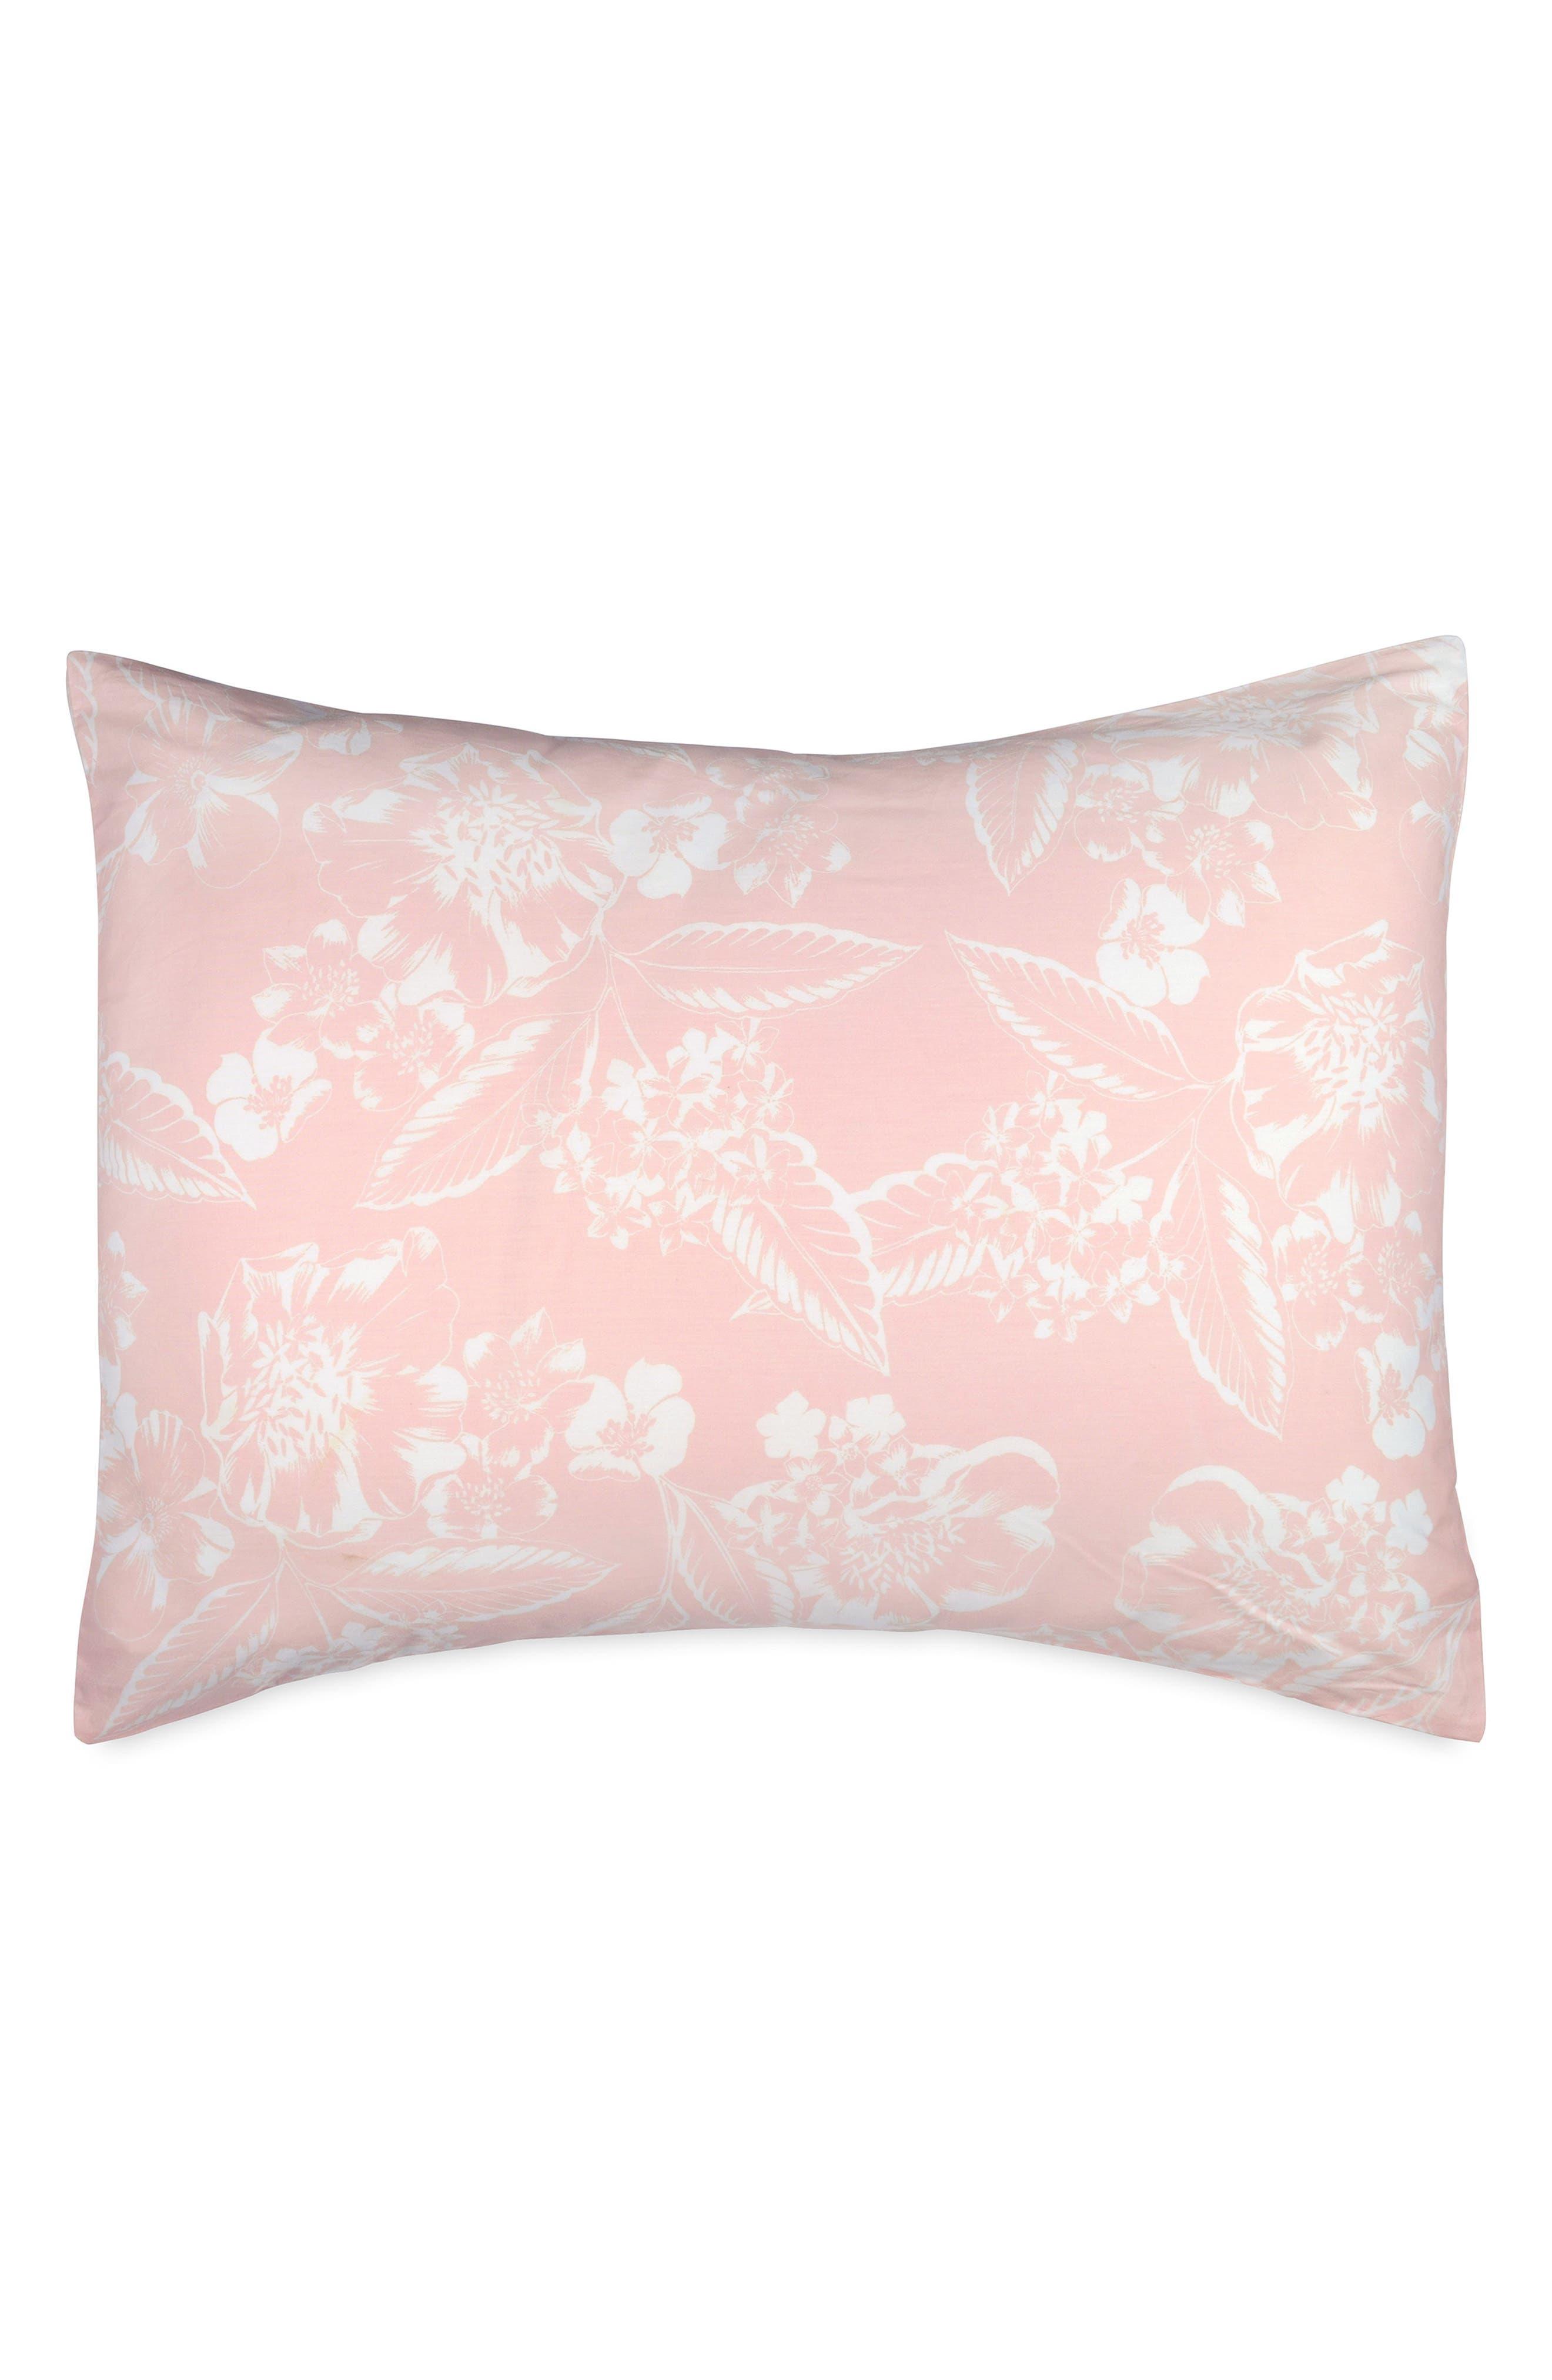 Ombré Hibiscus Duvet Cover & Sham Set,                             Alternate thumbnail 2, color,                             Coral